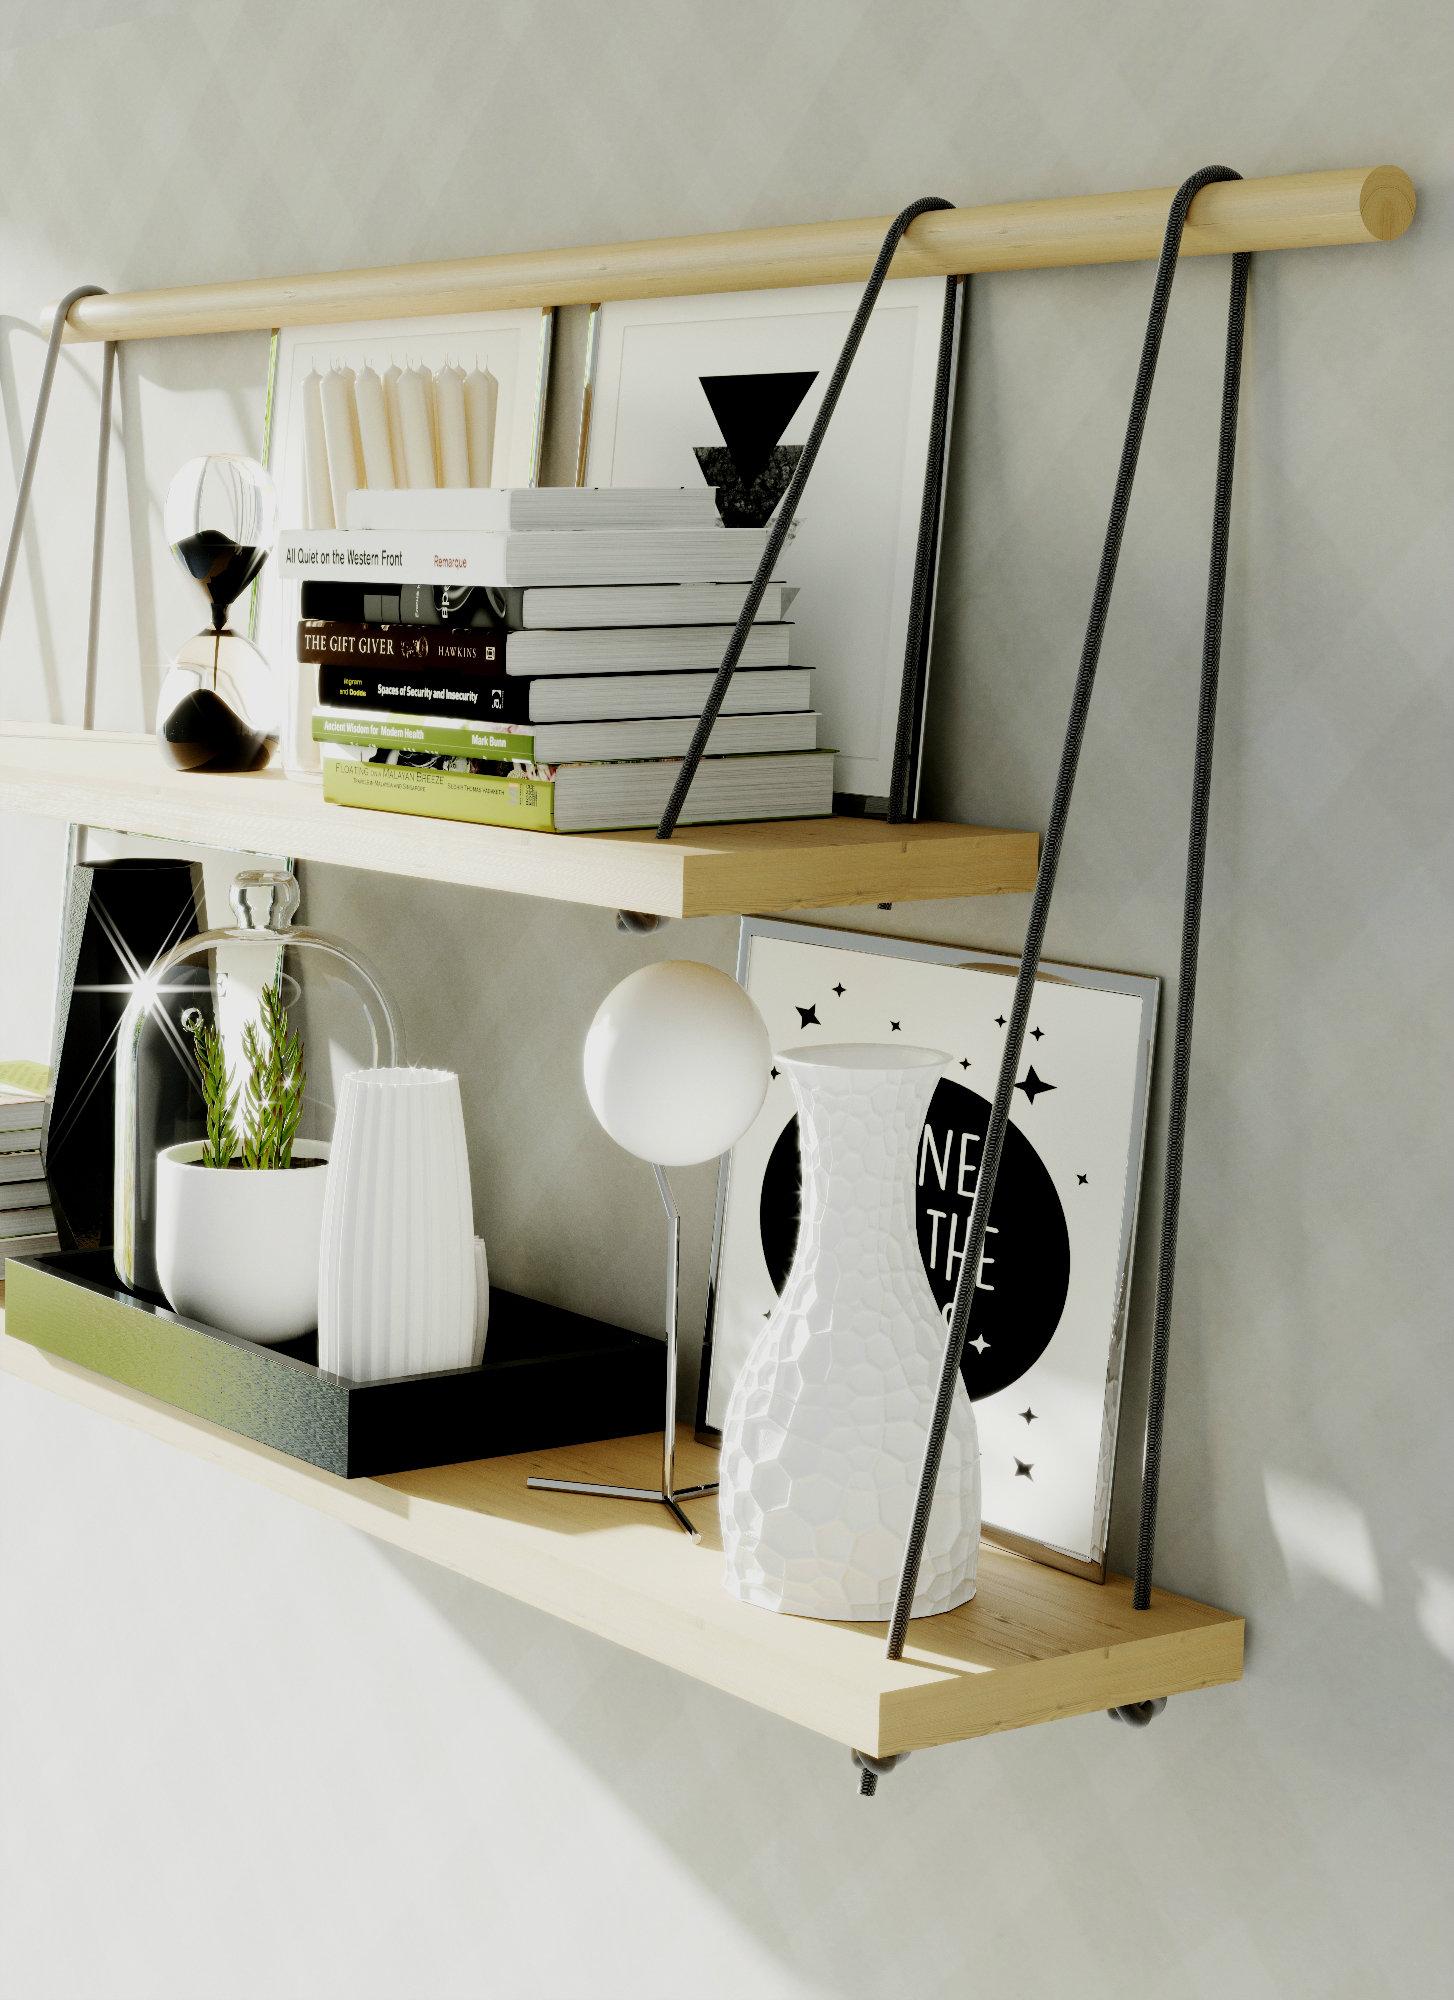 les étagères suspendues : inspiration style industriel